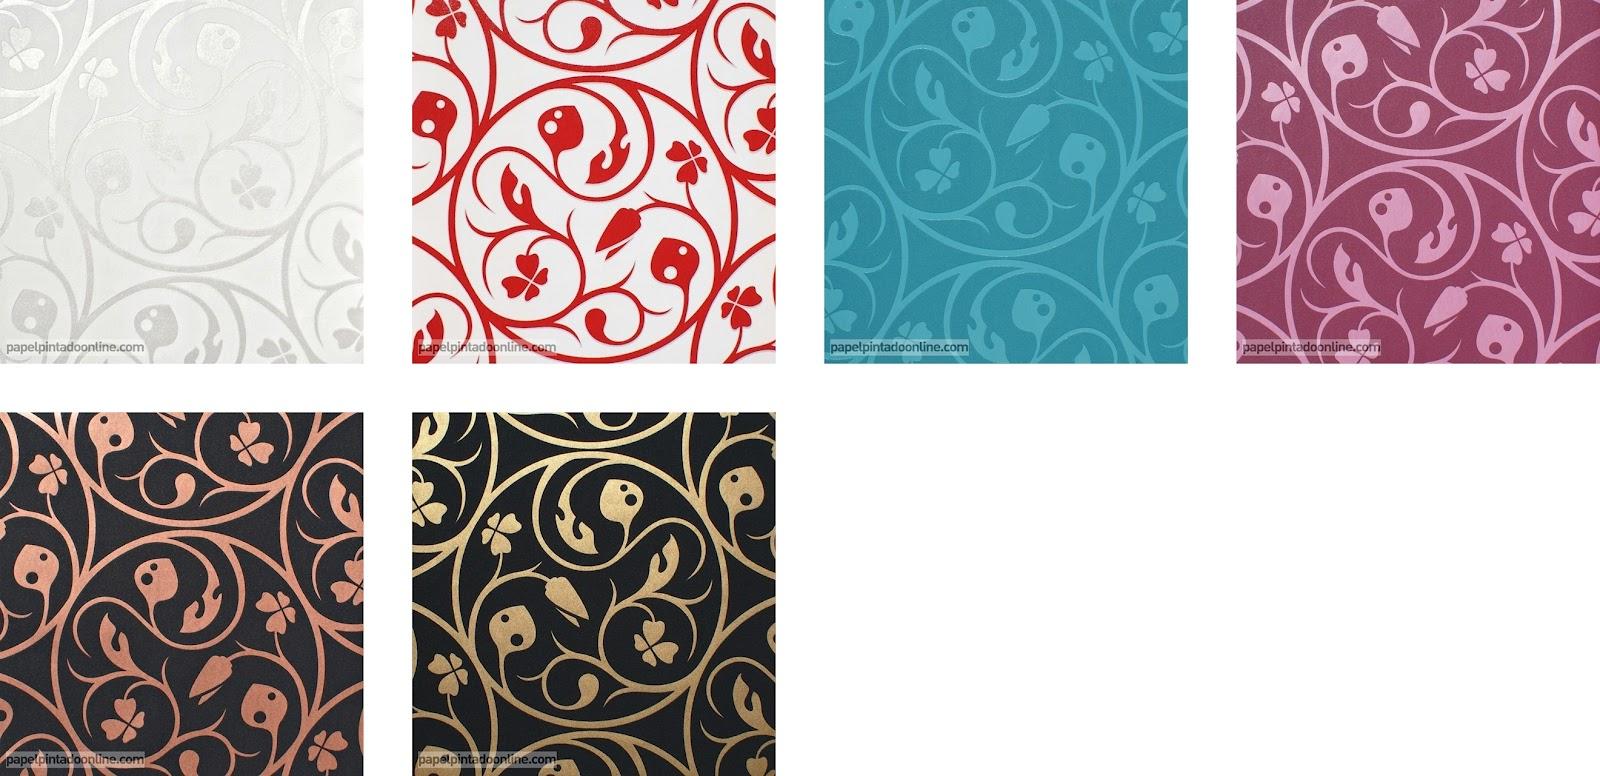 Papel pintado papel pintado lars contzen 3 for Papel pintado rojo y blanco